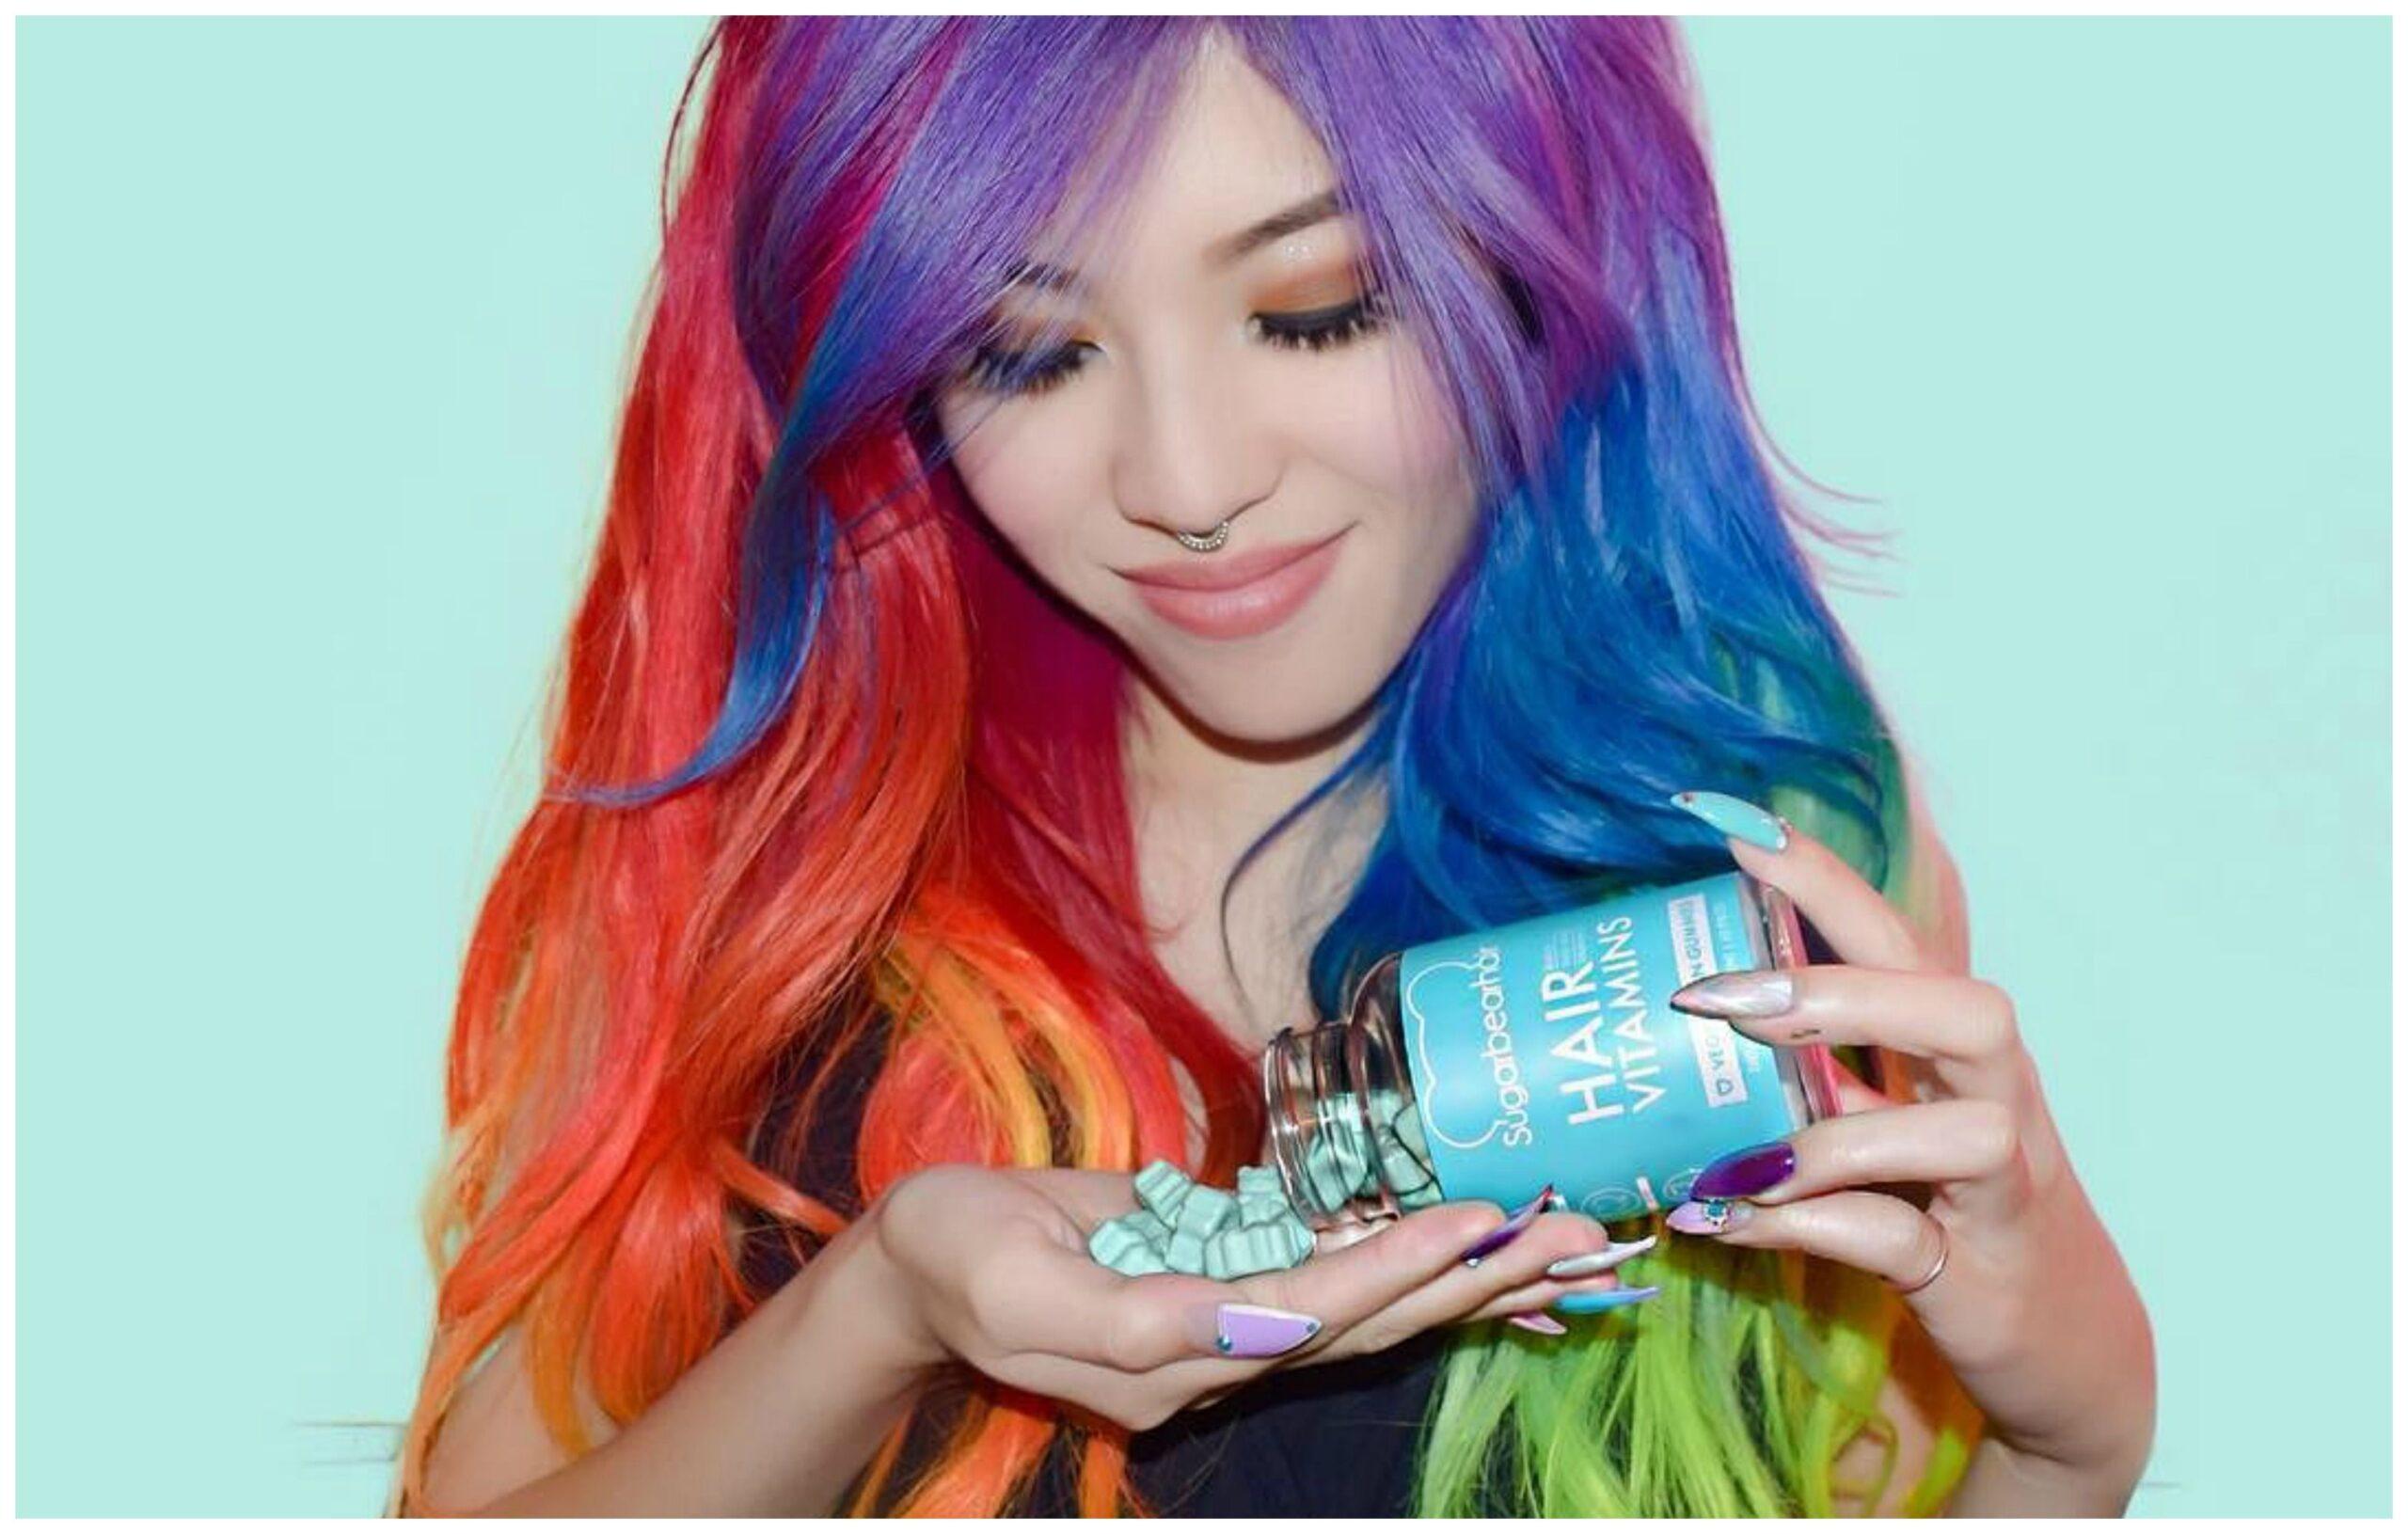 8 acconciature da provare se avete i capelli arcobaleno